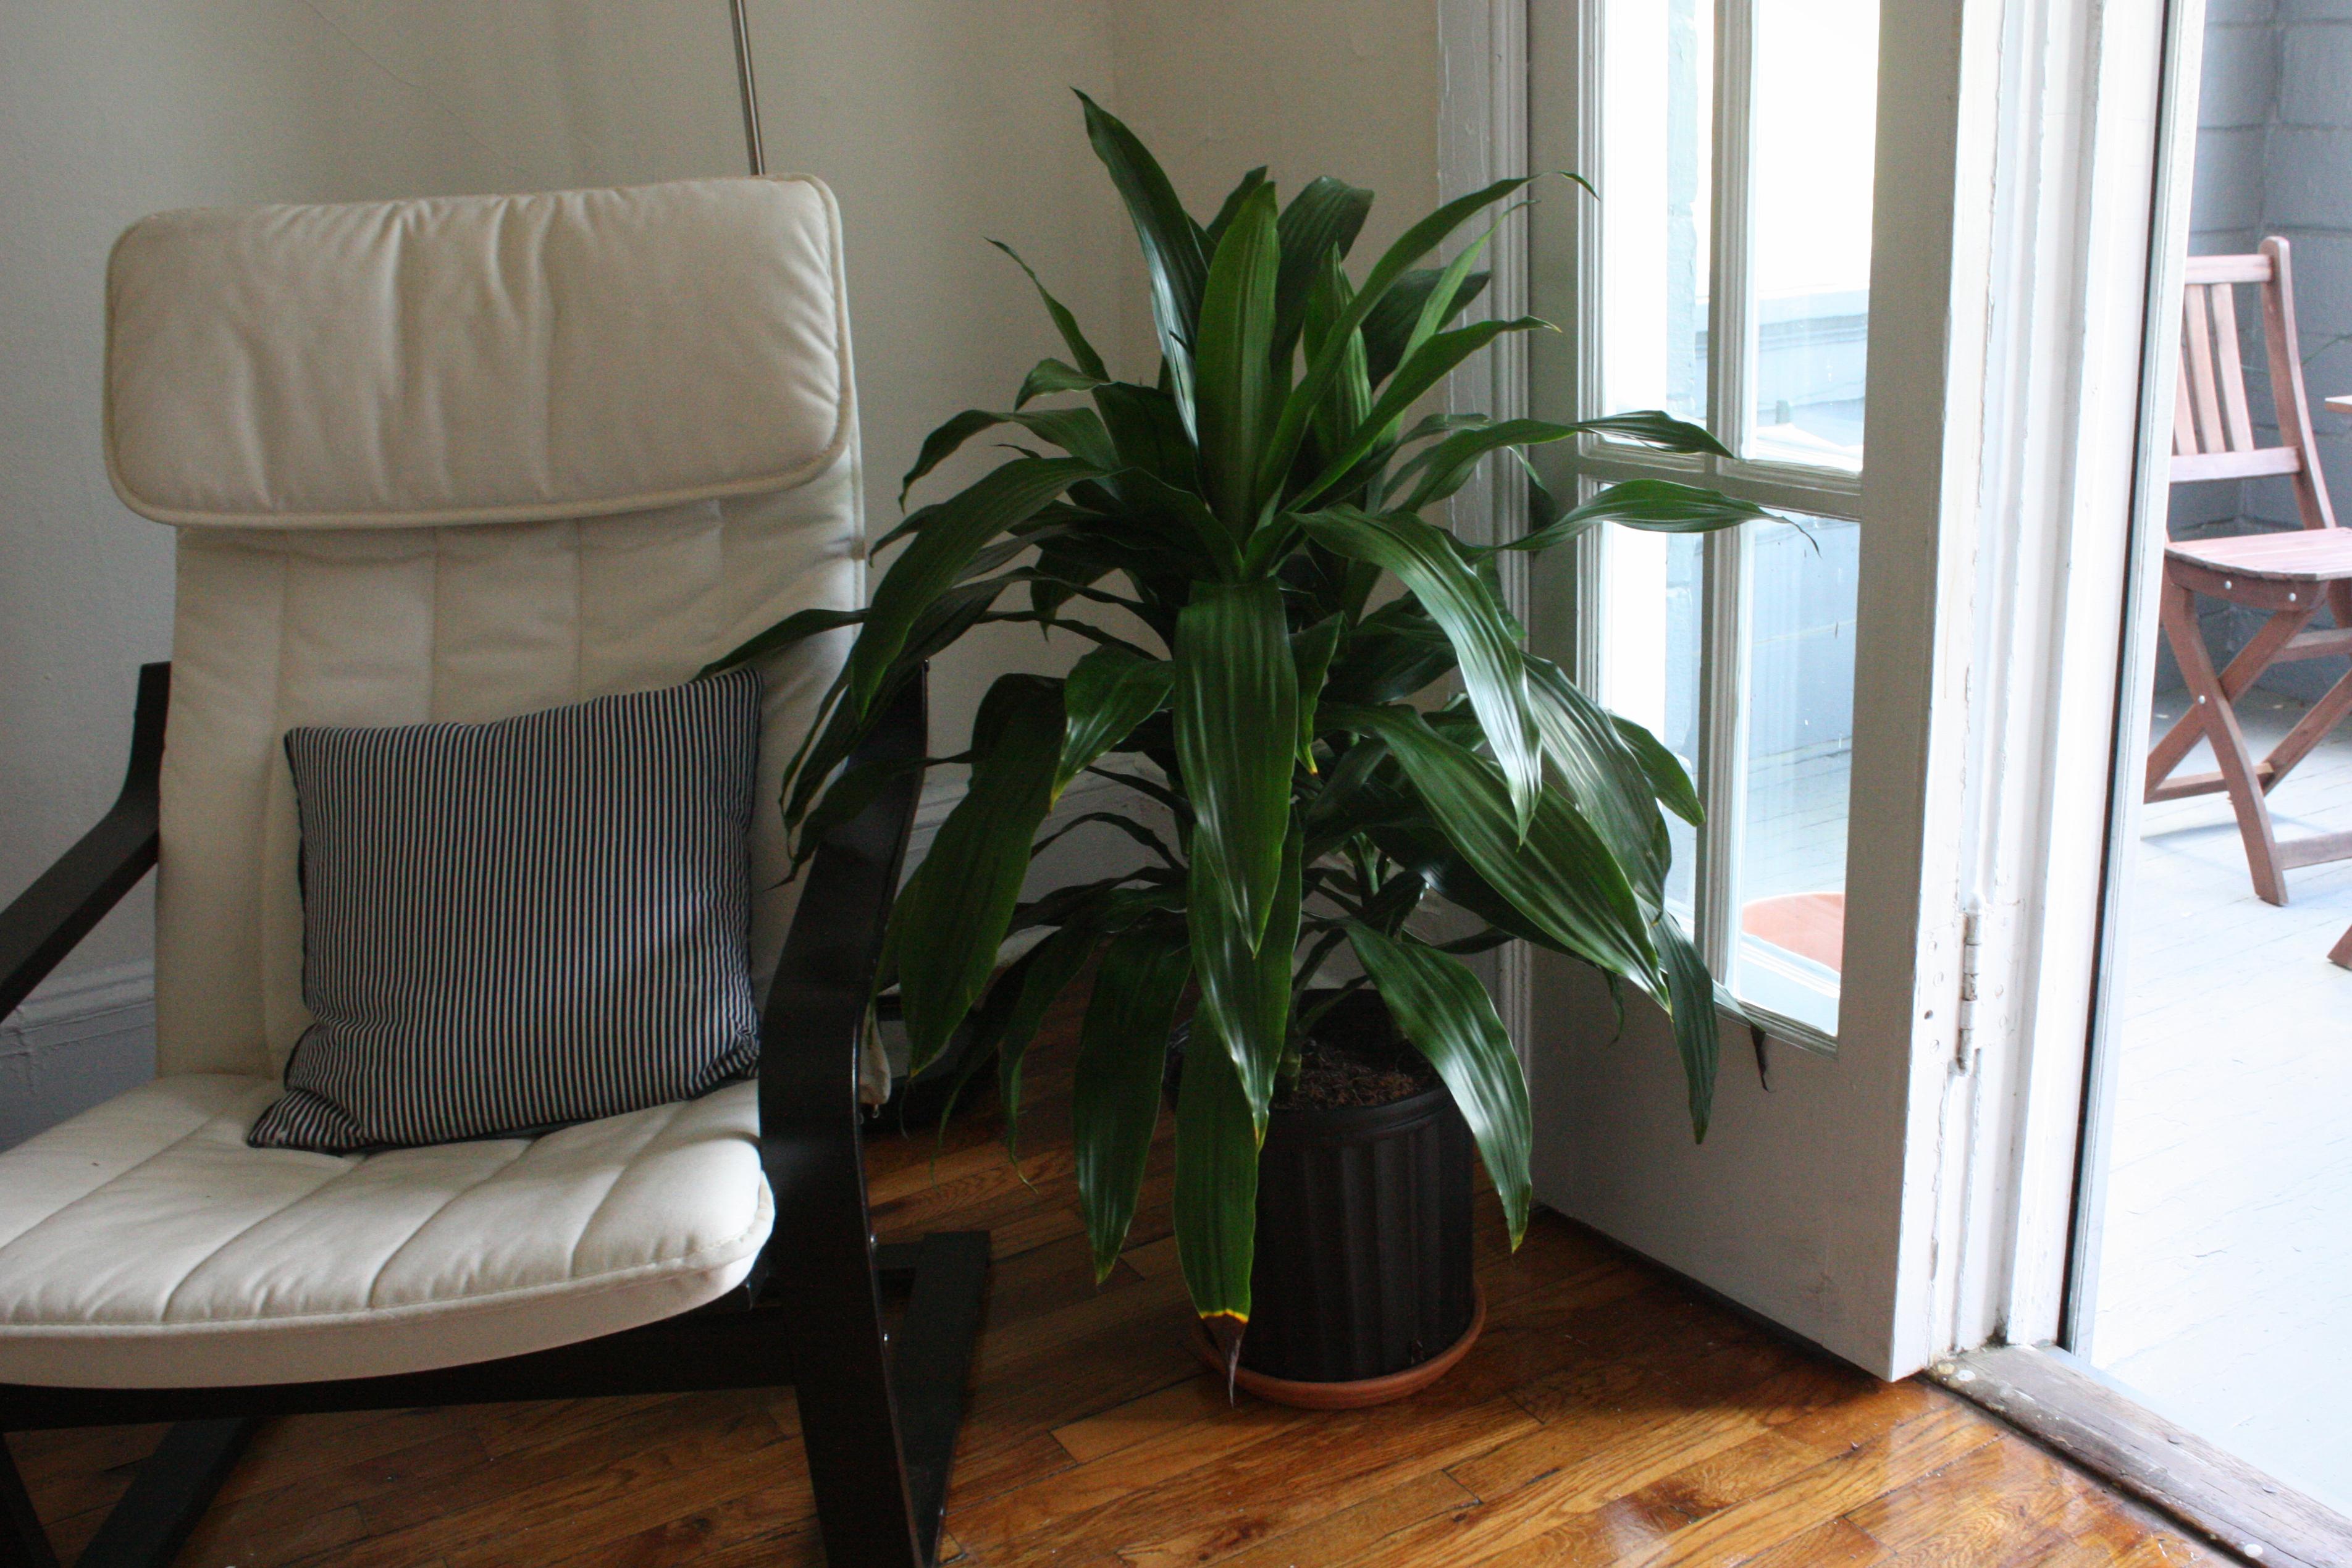 dracaena living room planter Glass and Sable